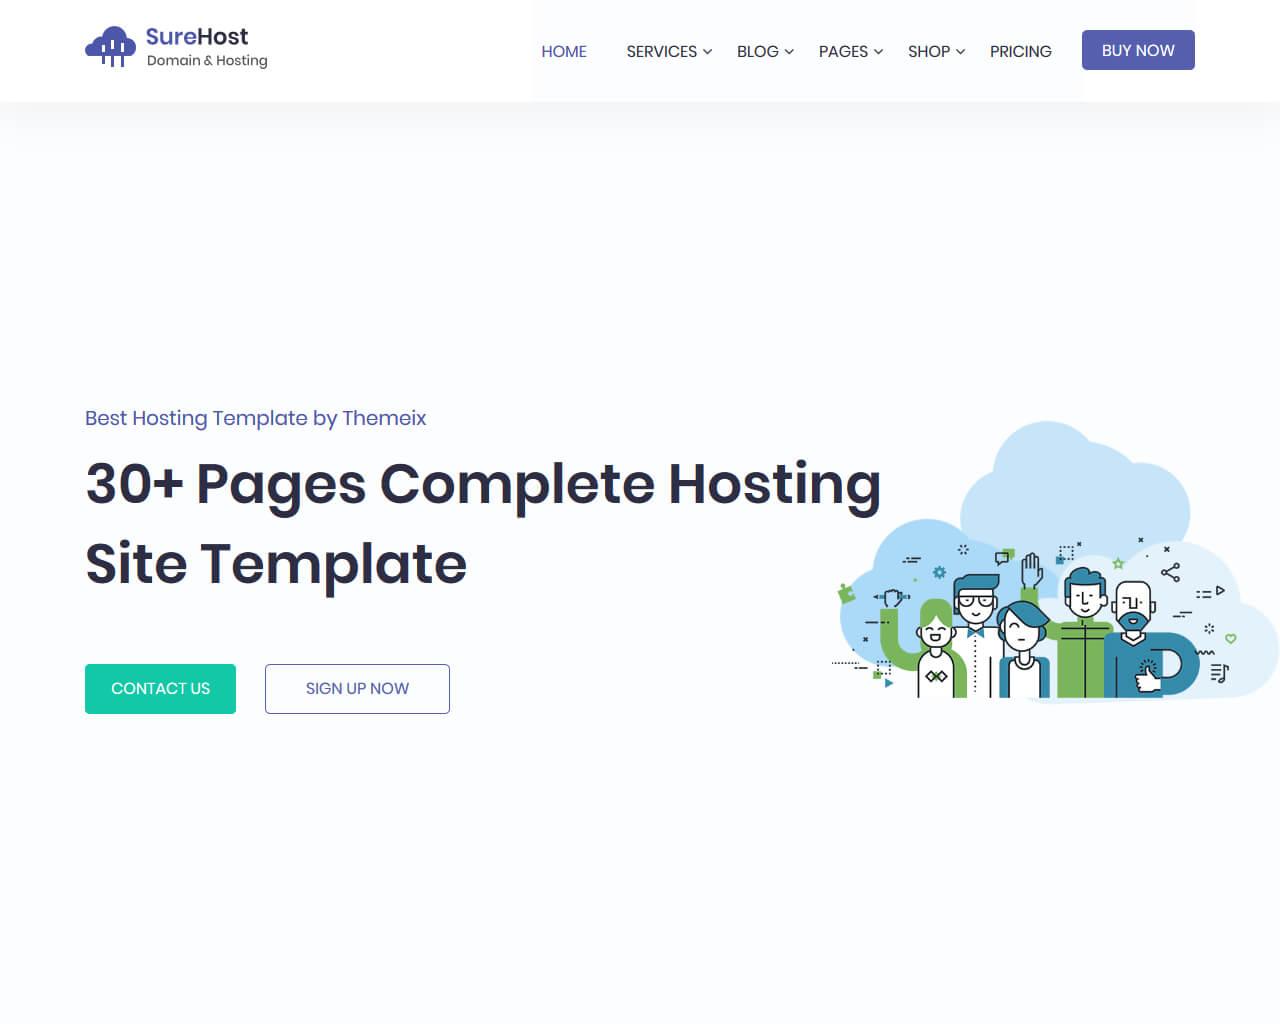 SureHost Website Template